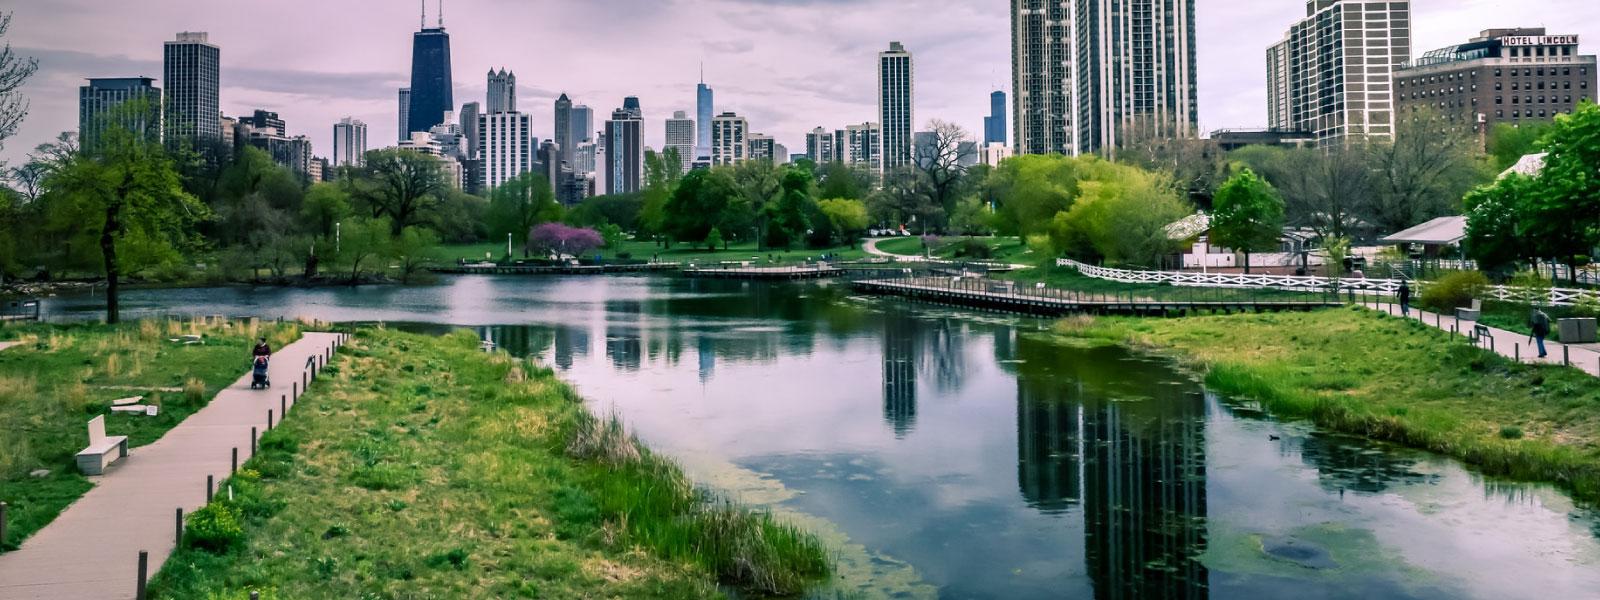 Adaptation des villes au changement climatique